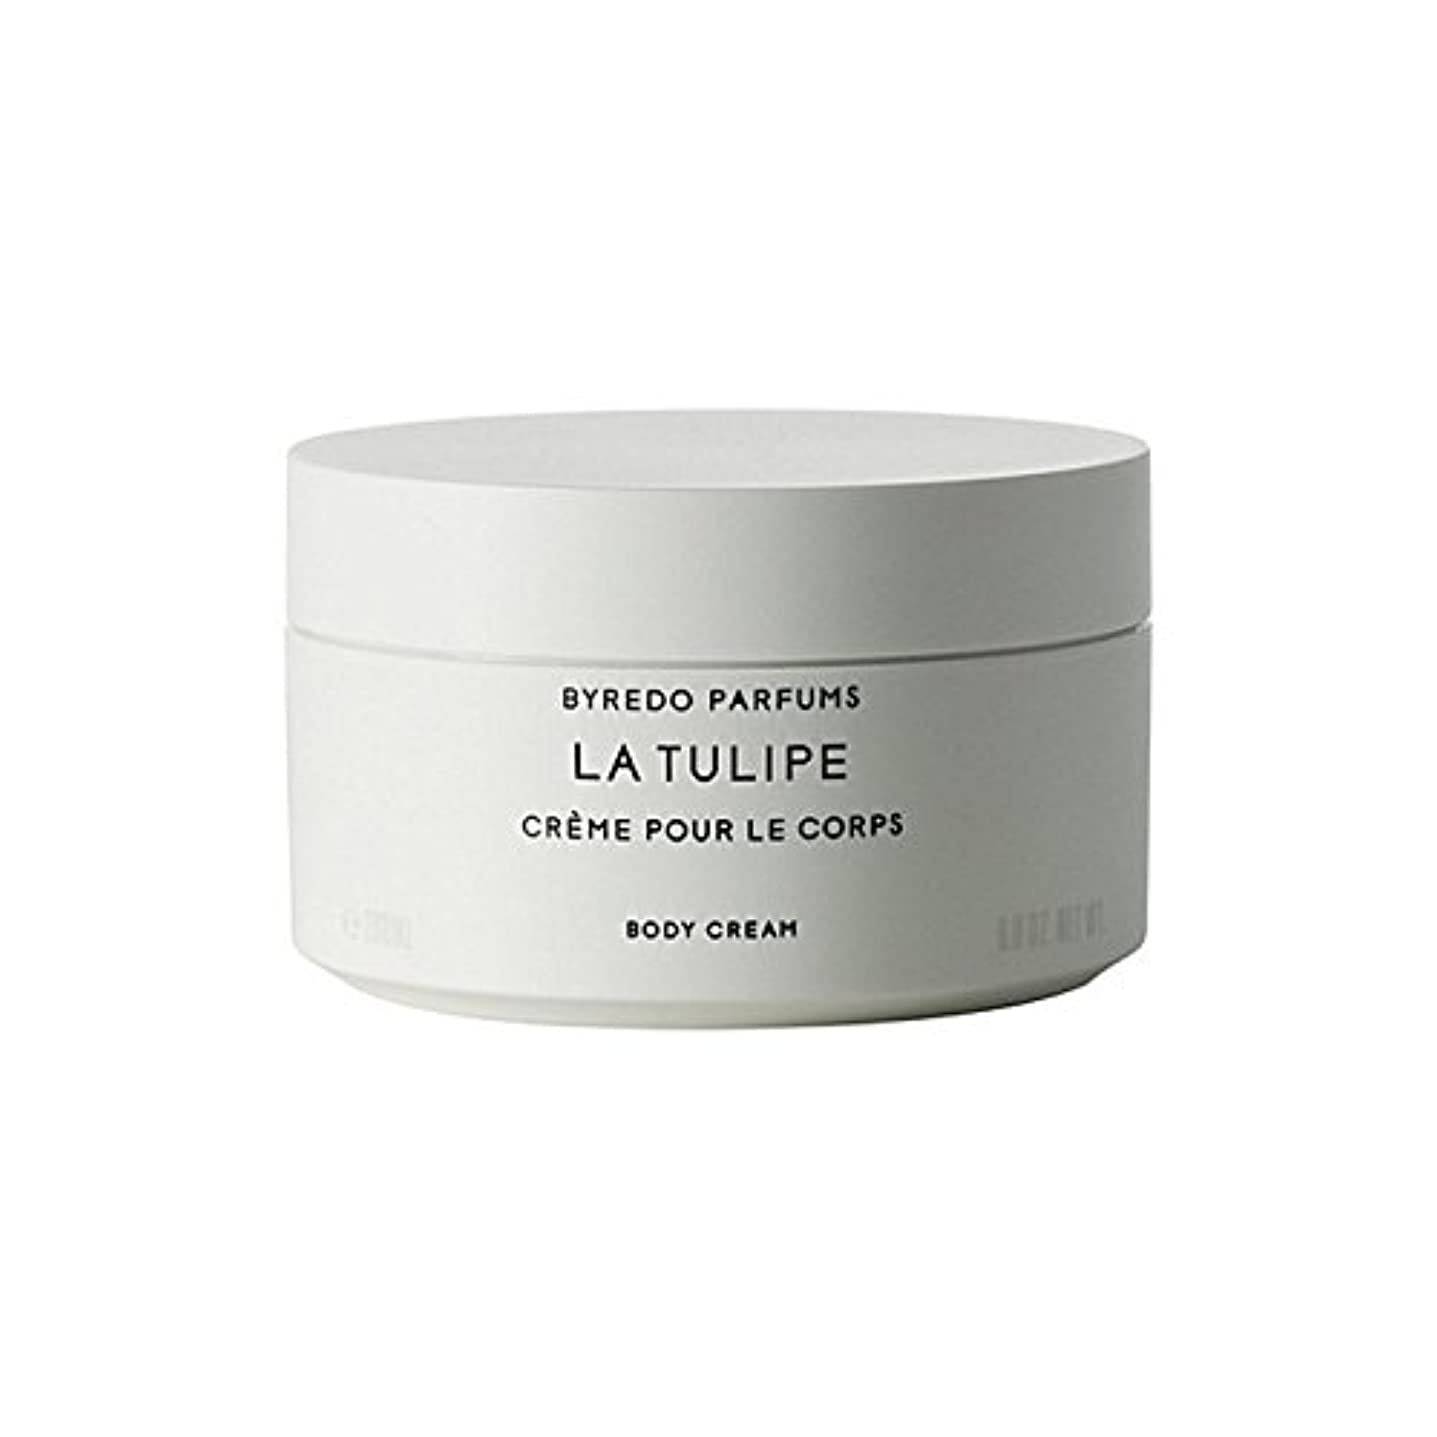 充実憤る昆虫ラチューリップボディクリーム200ミリリットル x2 - Byredo La Tulipe Body Cream 200ml (Pack of 2) [並行輸入品]